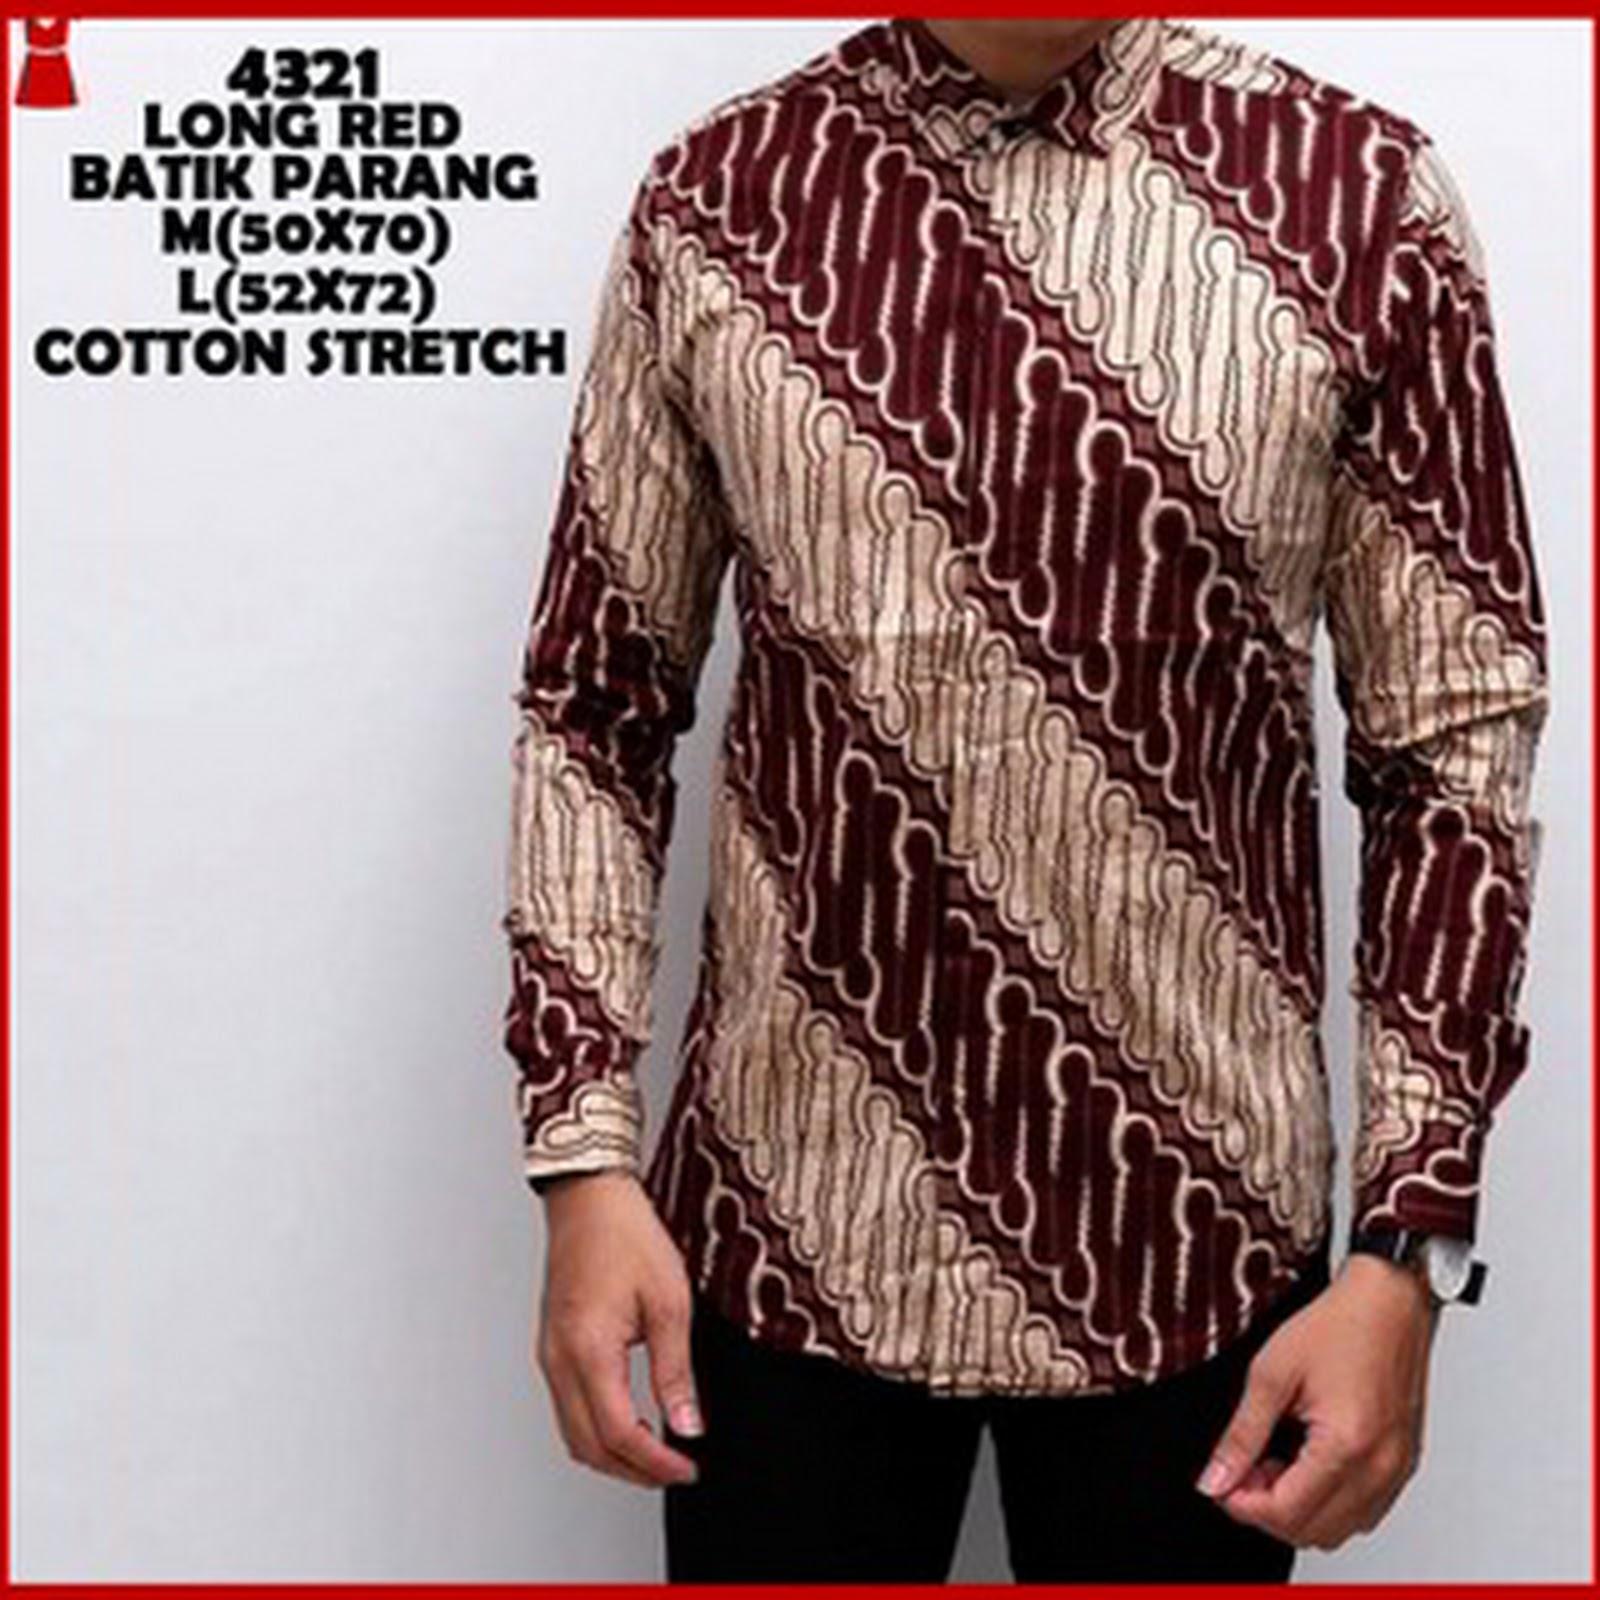 Bj0236 Baju Batik Pria Model Kemeja Parang Simple 2fa08d152b